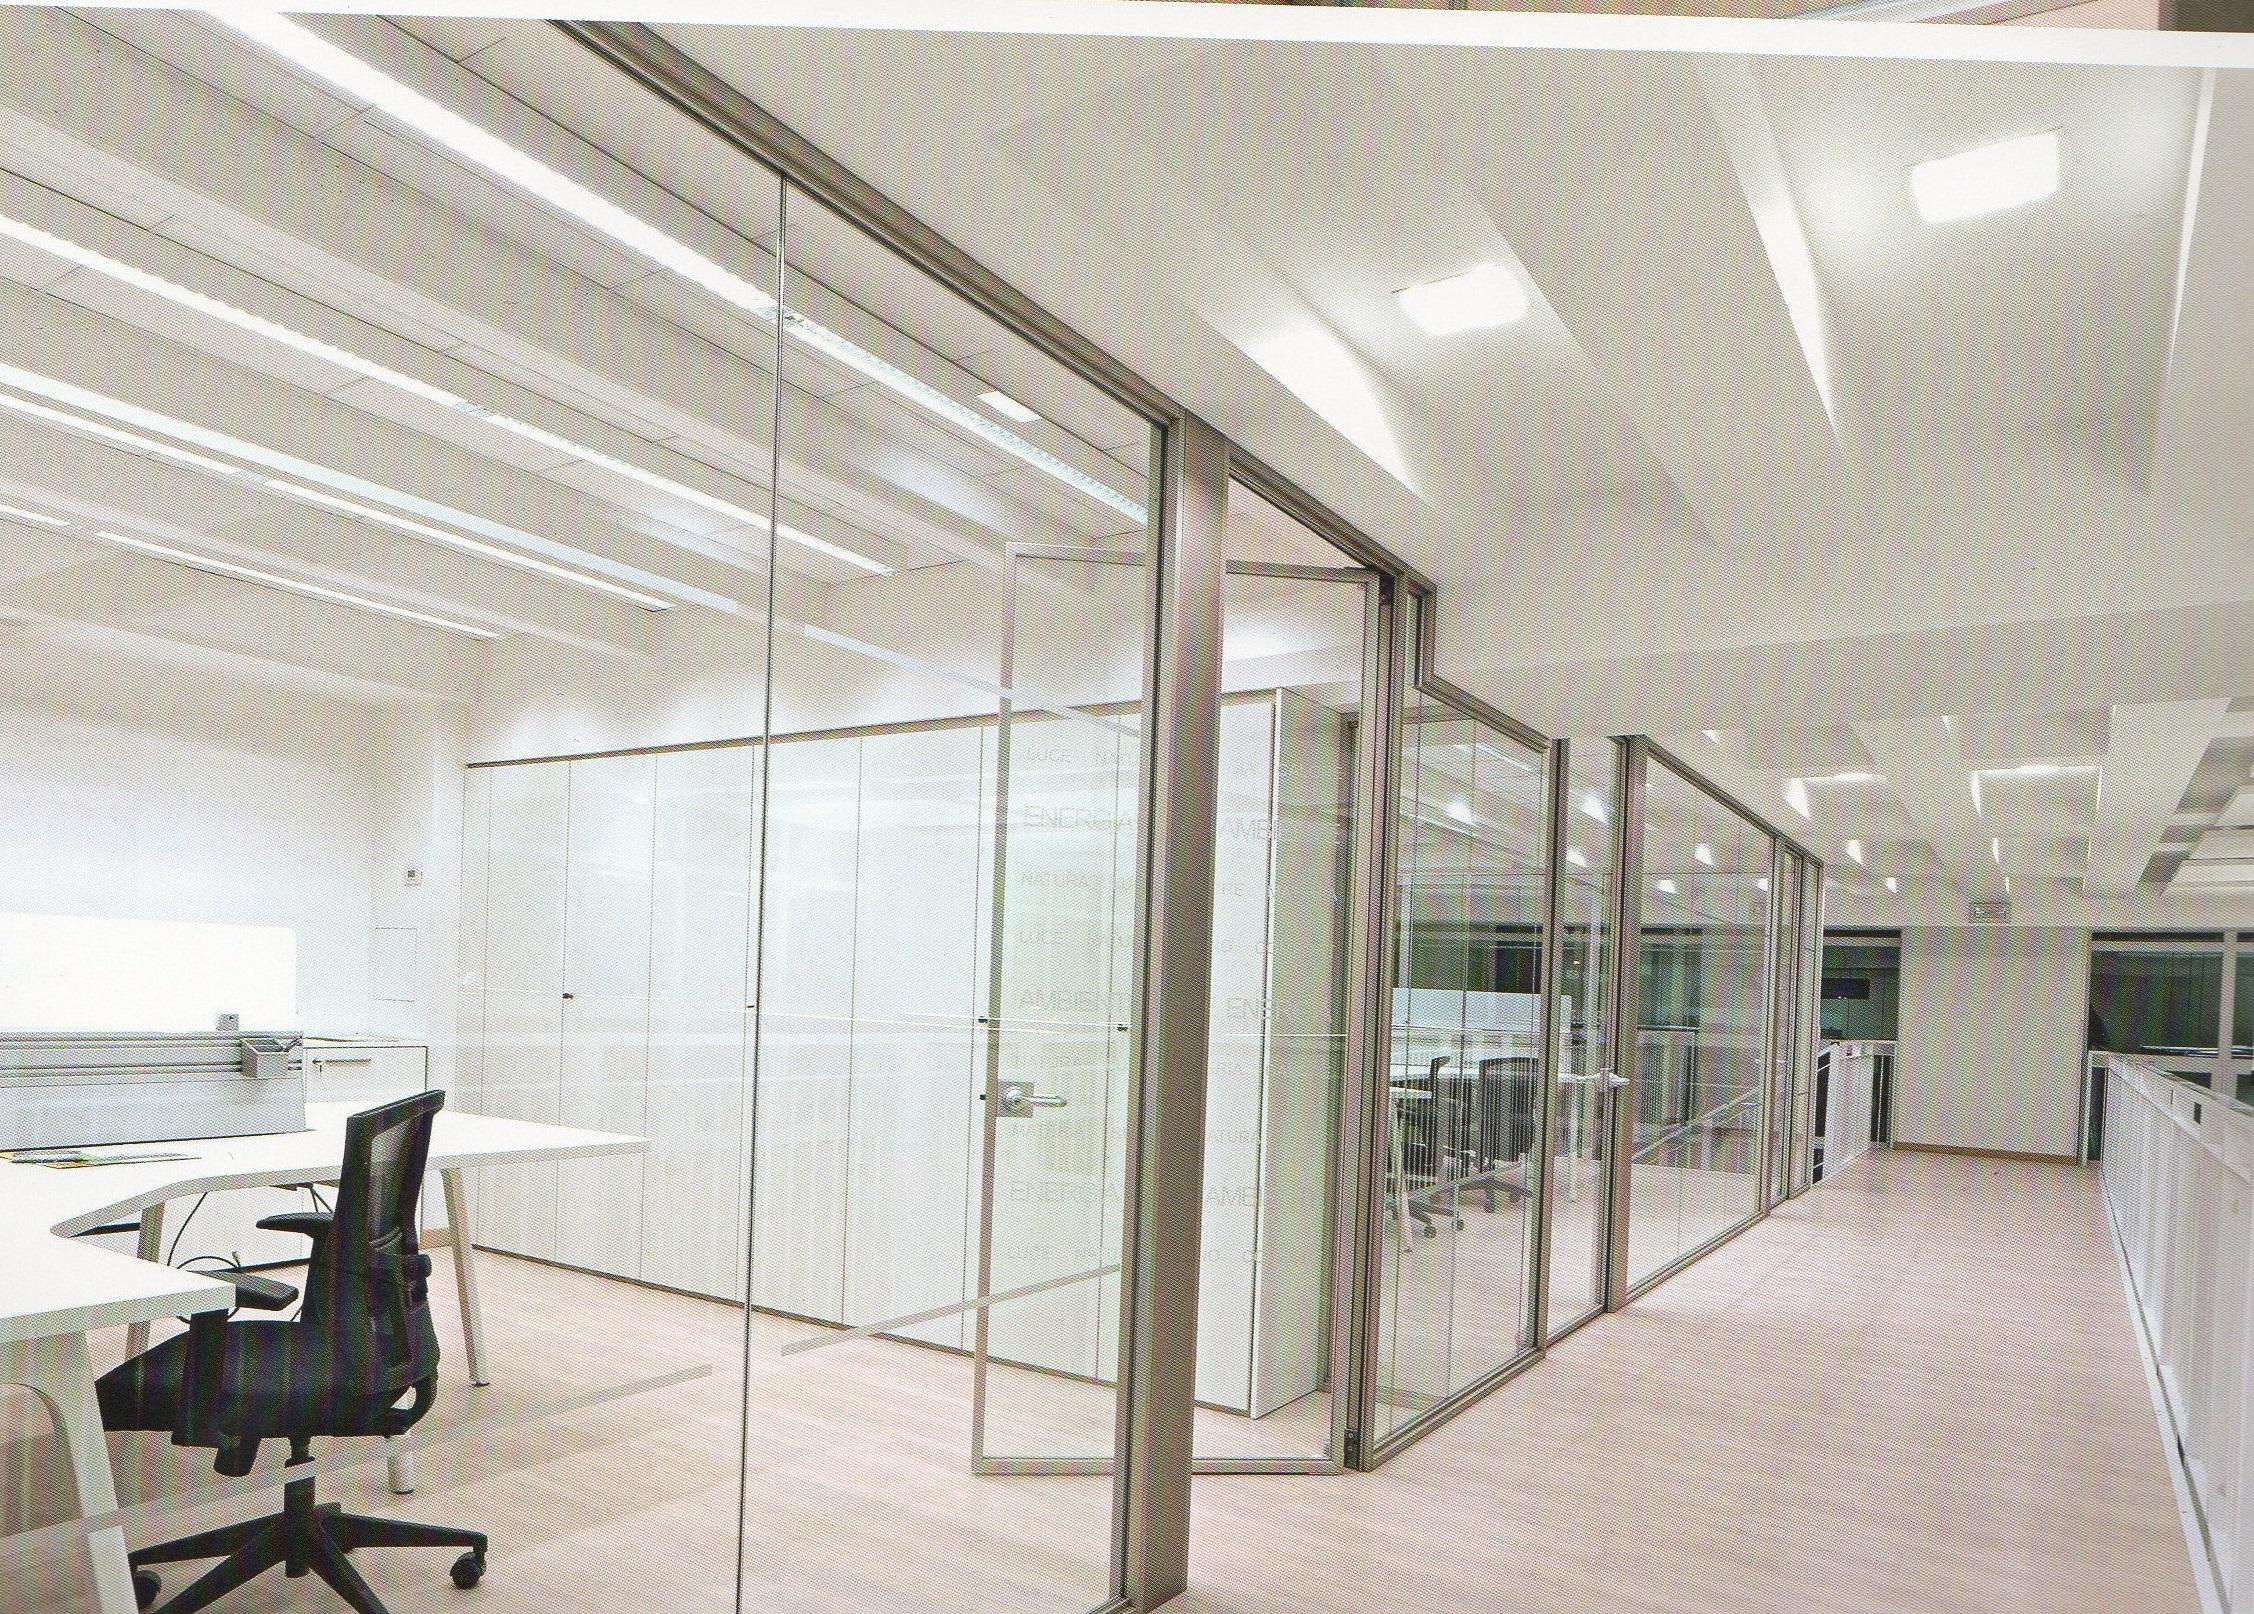 Pareti divisorie in vetro intelaiato pareti divisorie for Negozi sedie ufficio roma